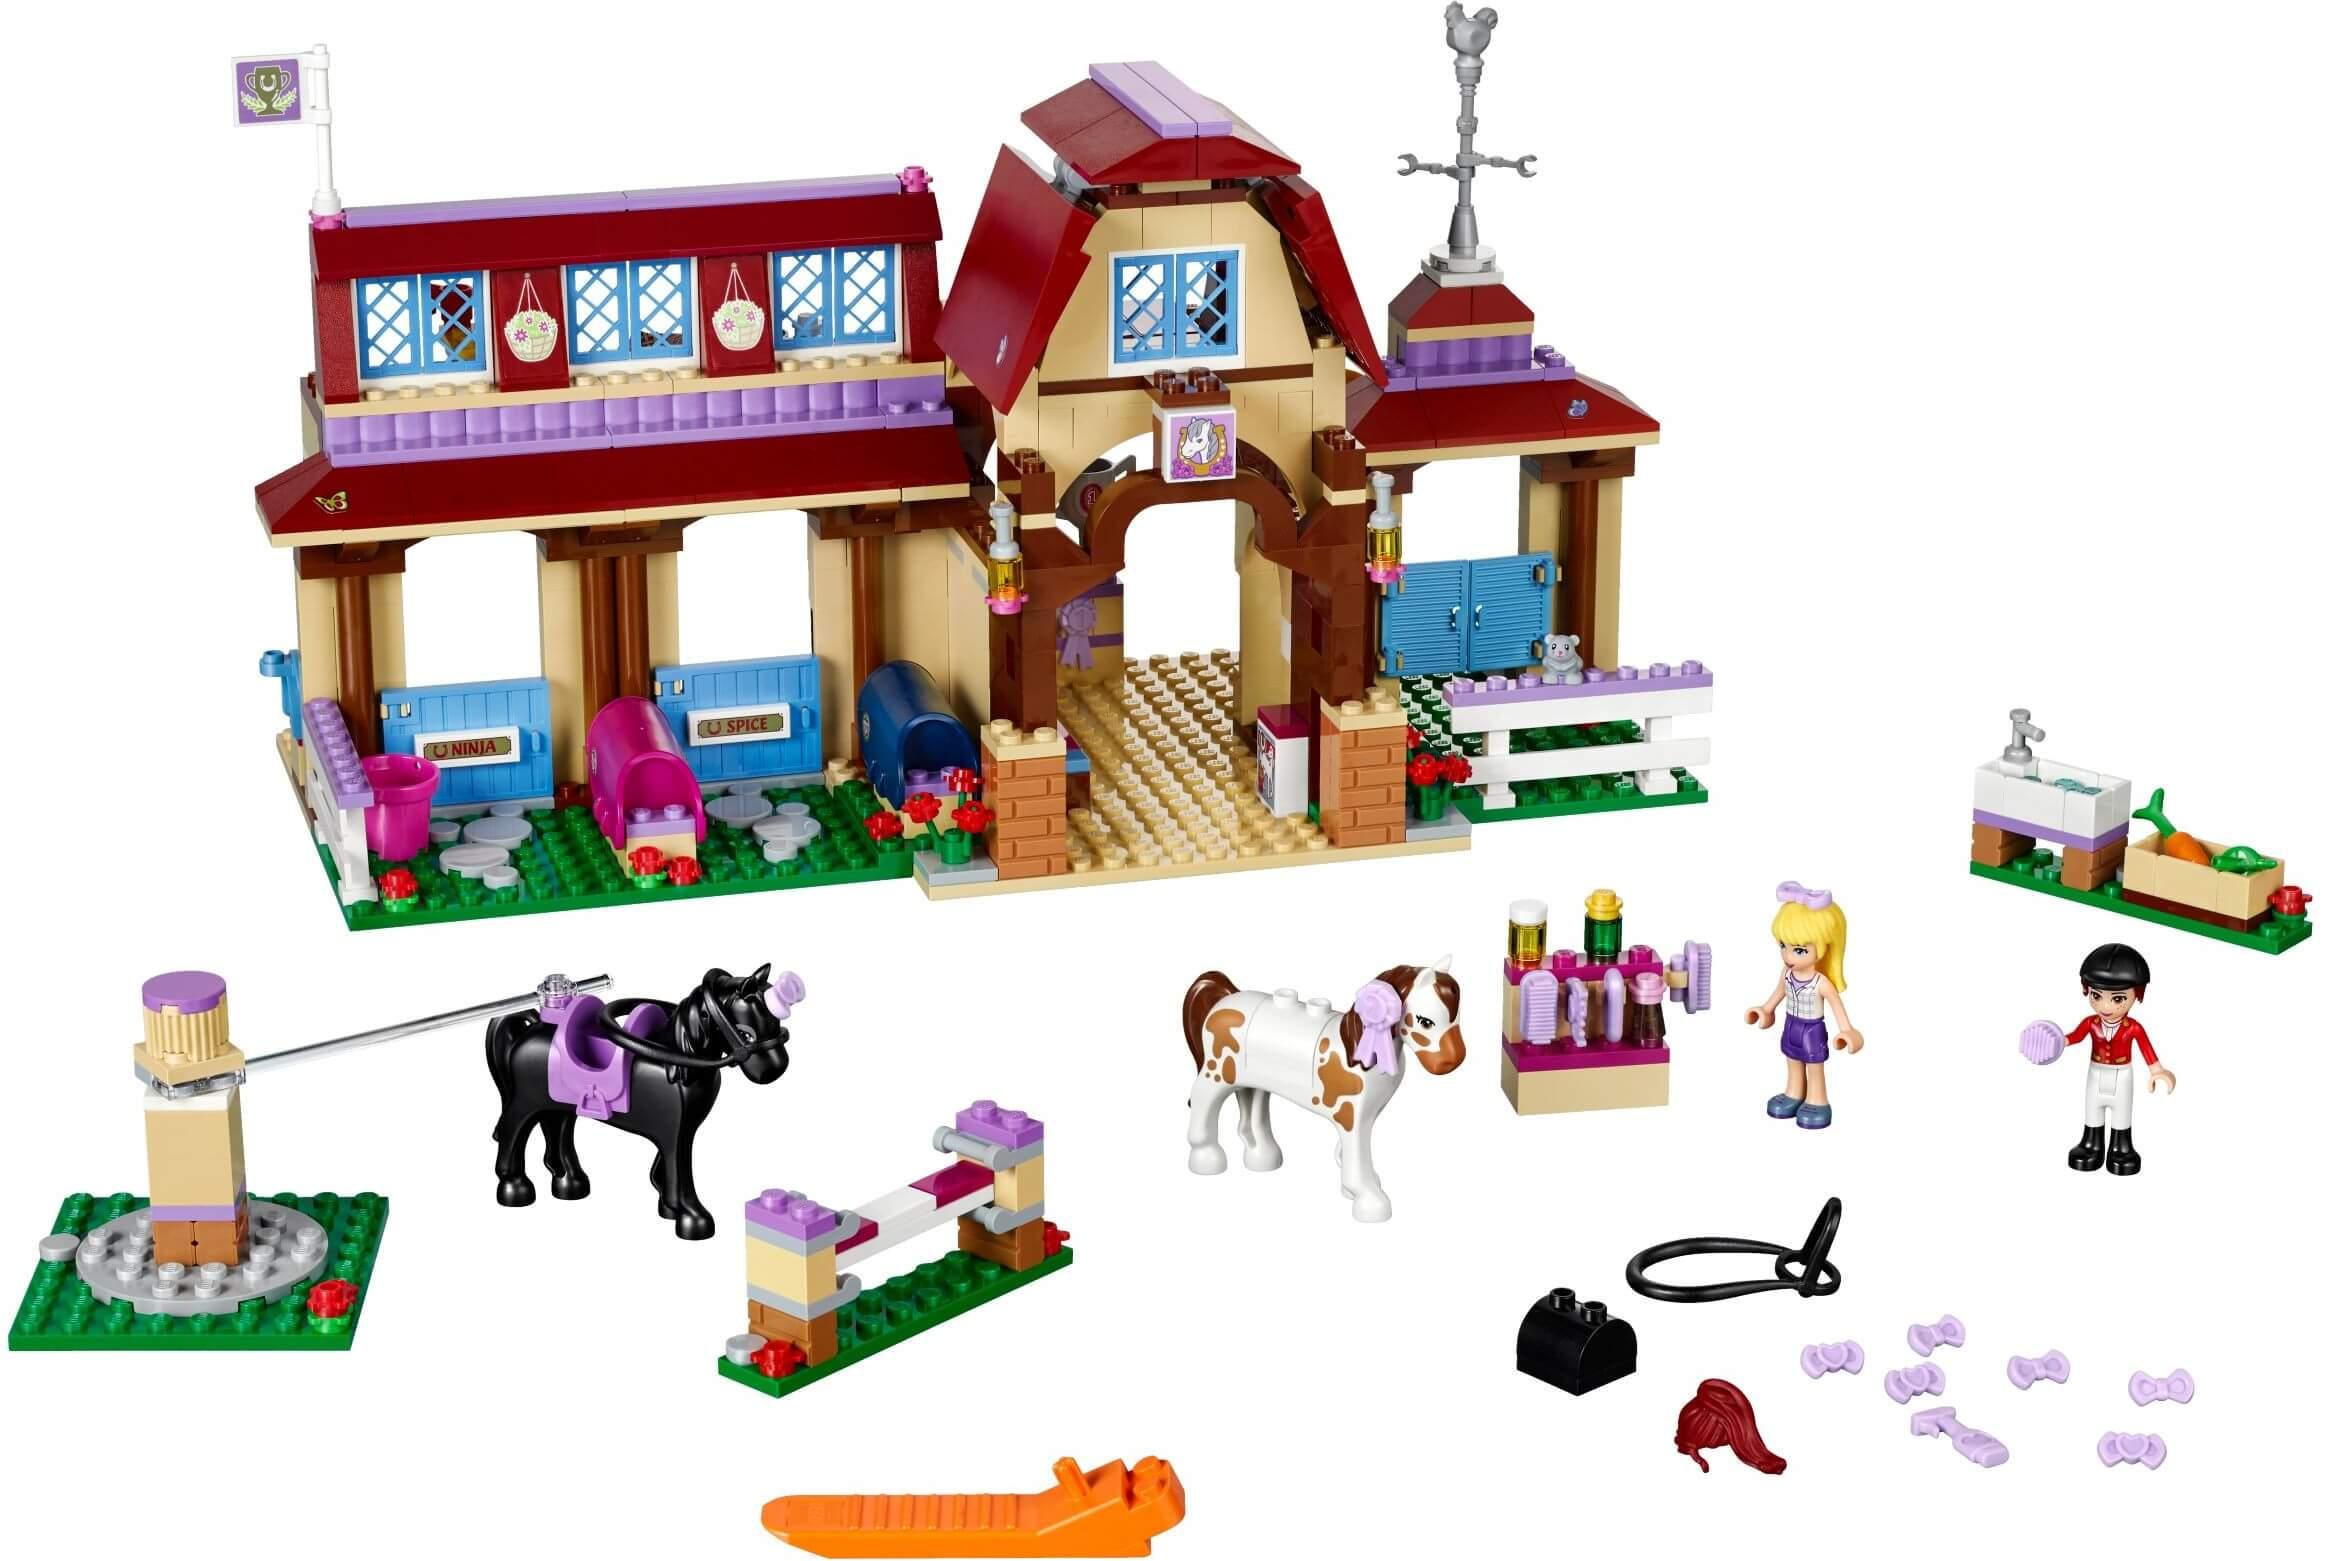 Mua đồ chơi LEGO 41126 - LEGO Friends 41126 - Trường Đua Ngựa Heartlake (LEGO Friends Heartlake Riding Club 41126)